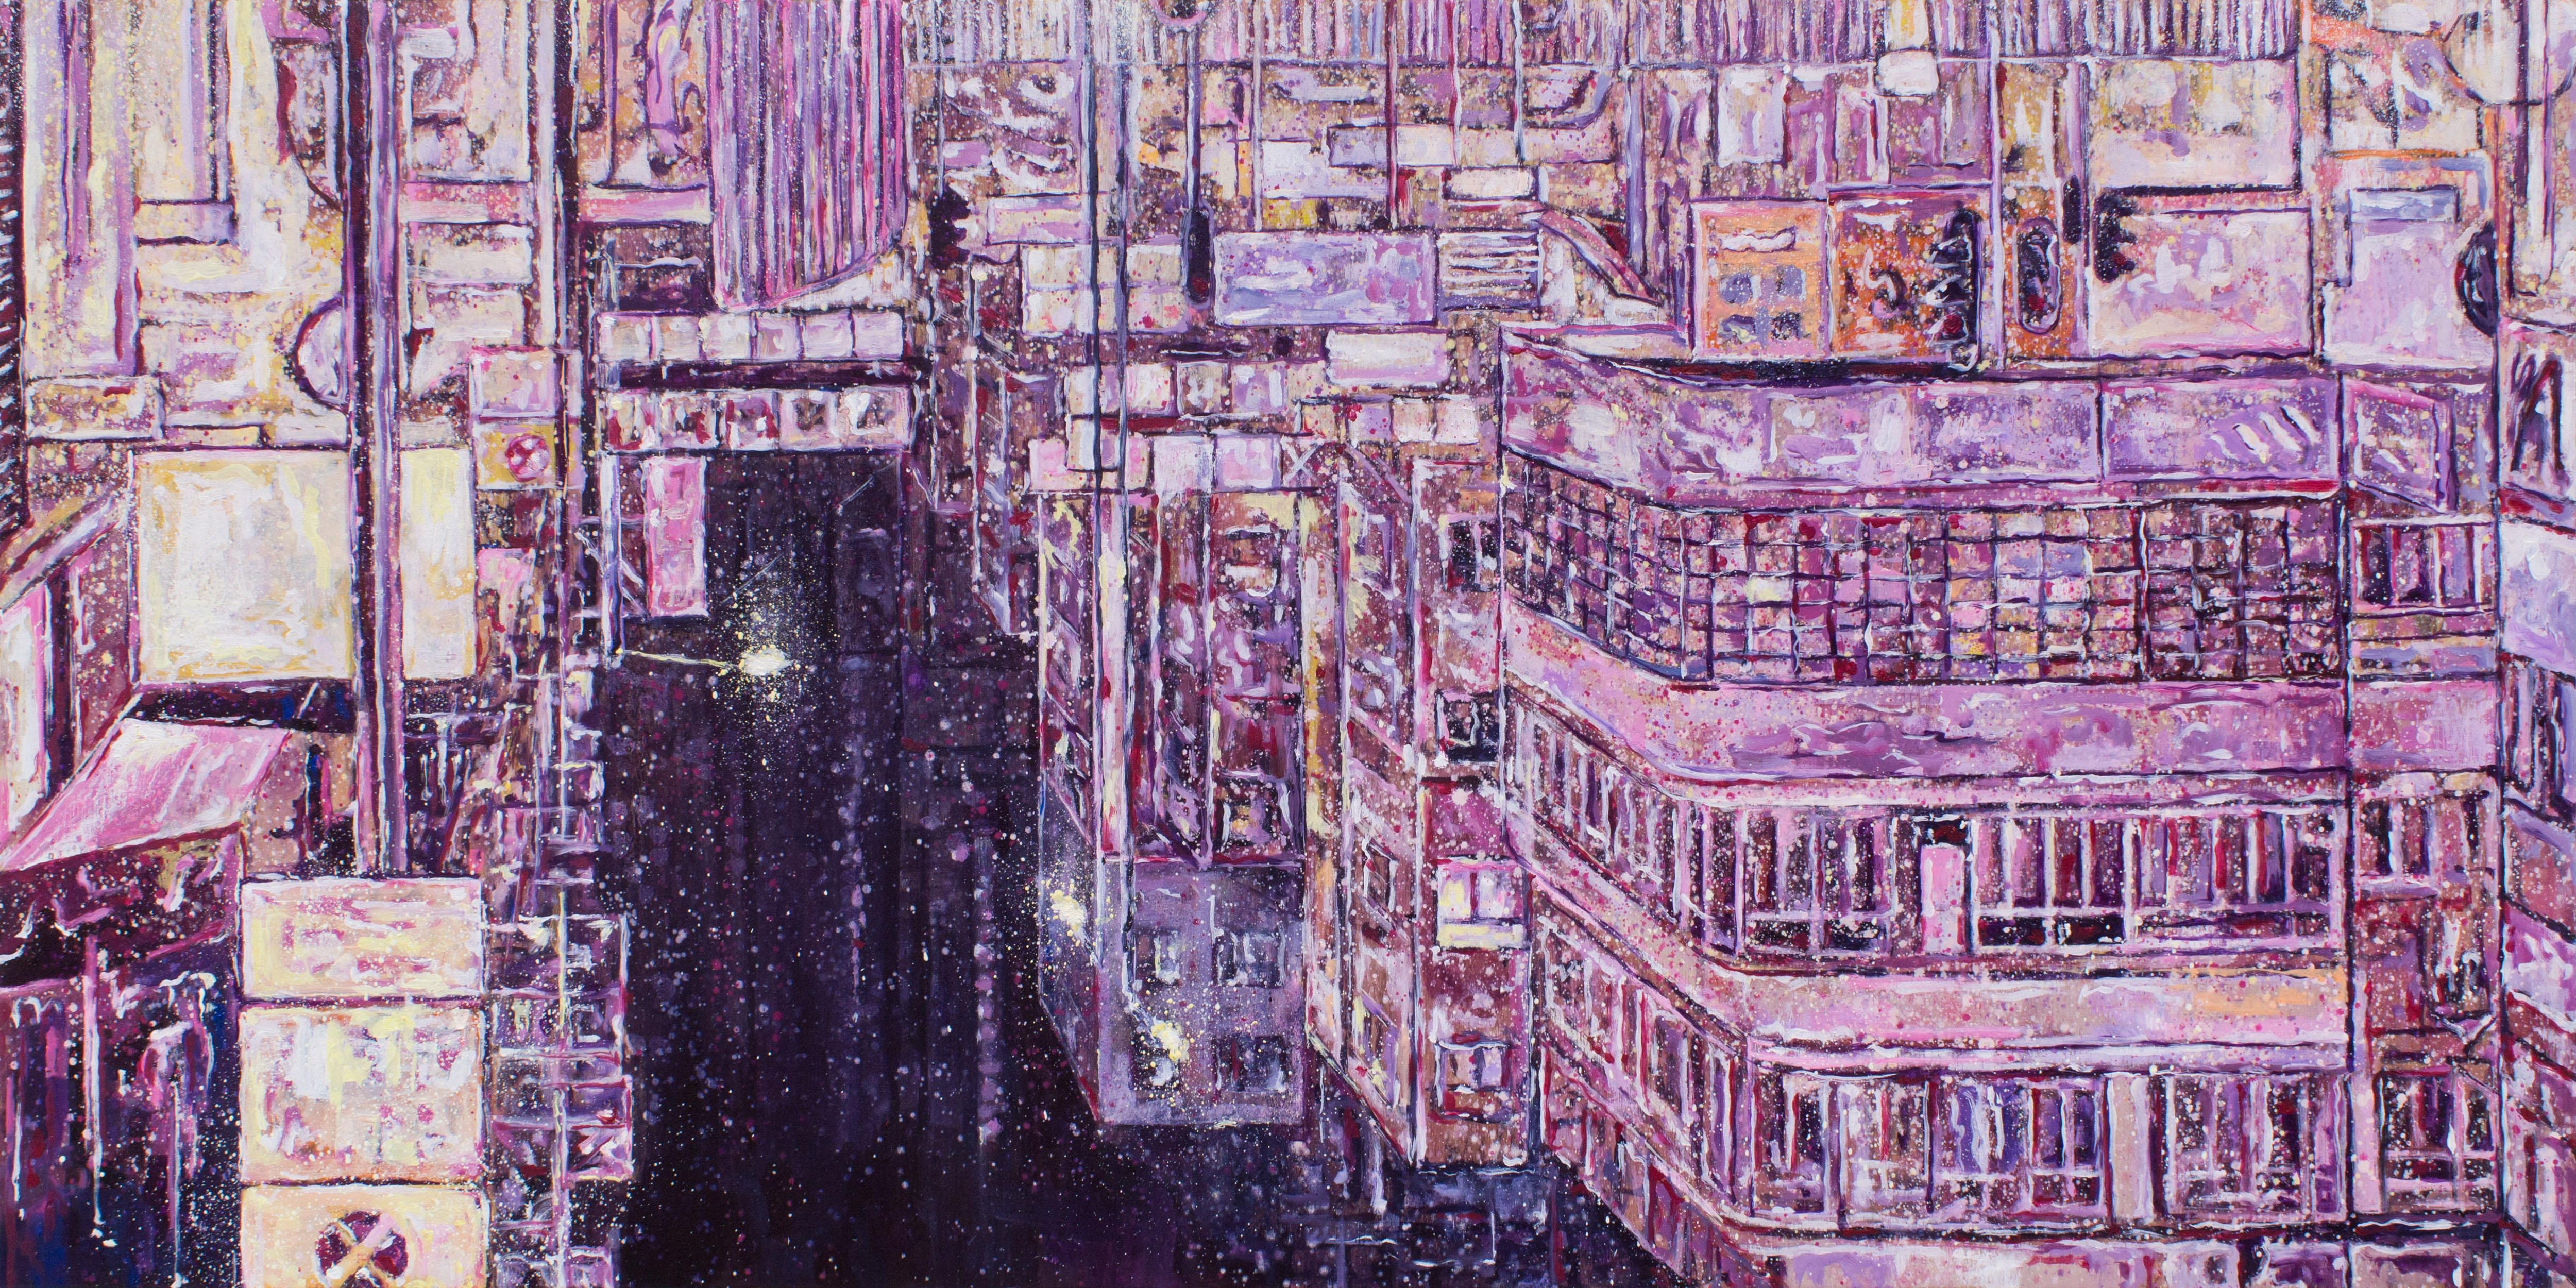 Shek Kip Mei Street